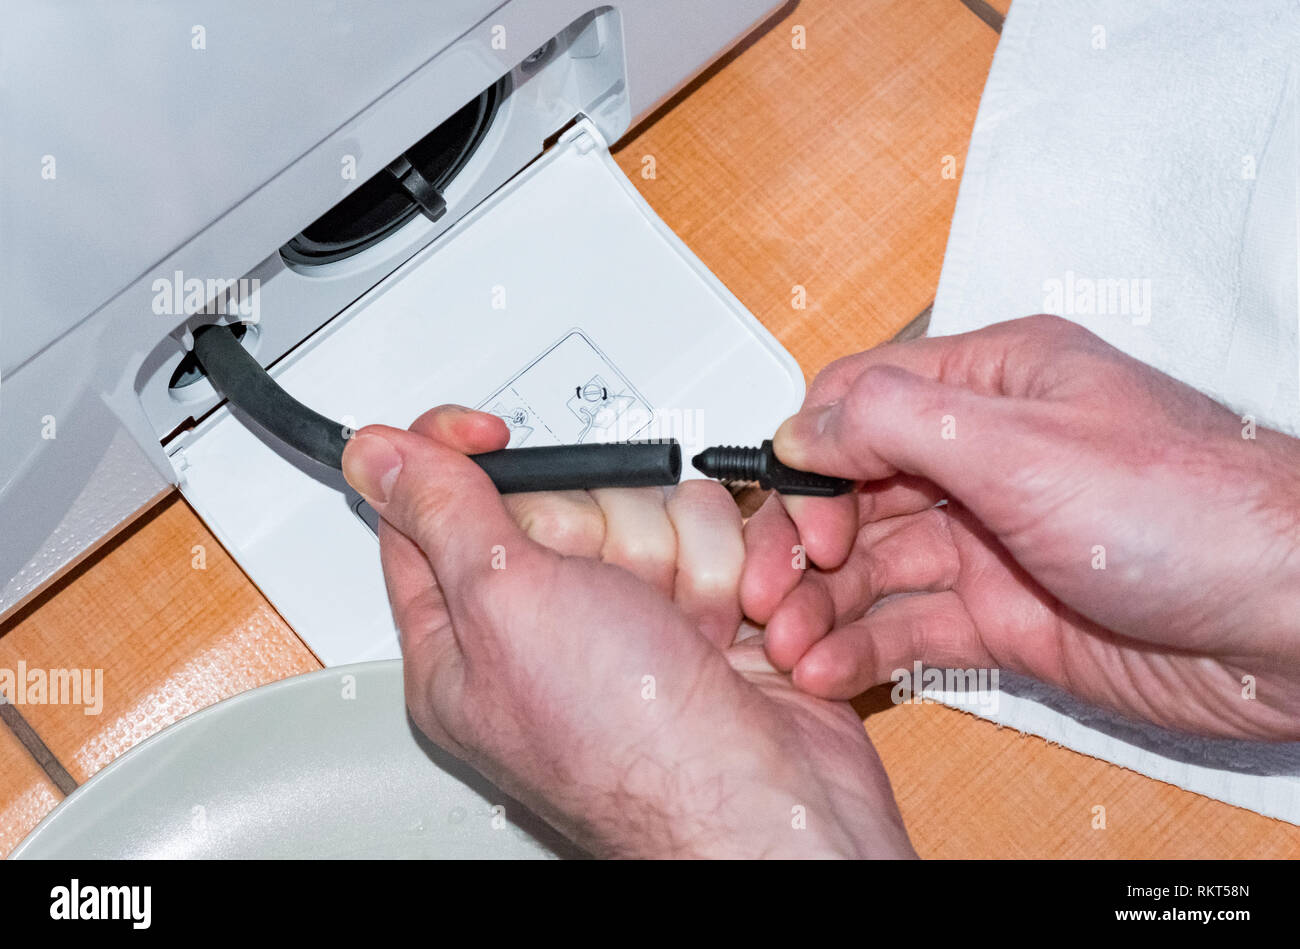 Entretien Machine A Laver le maître procède à l'entretien de la machine à laver